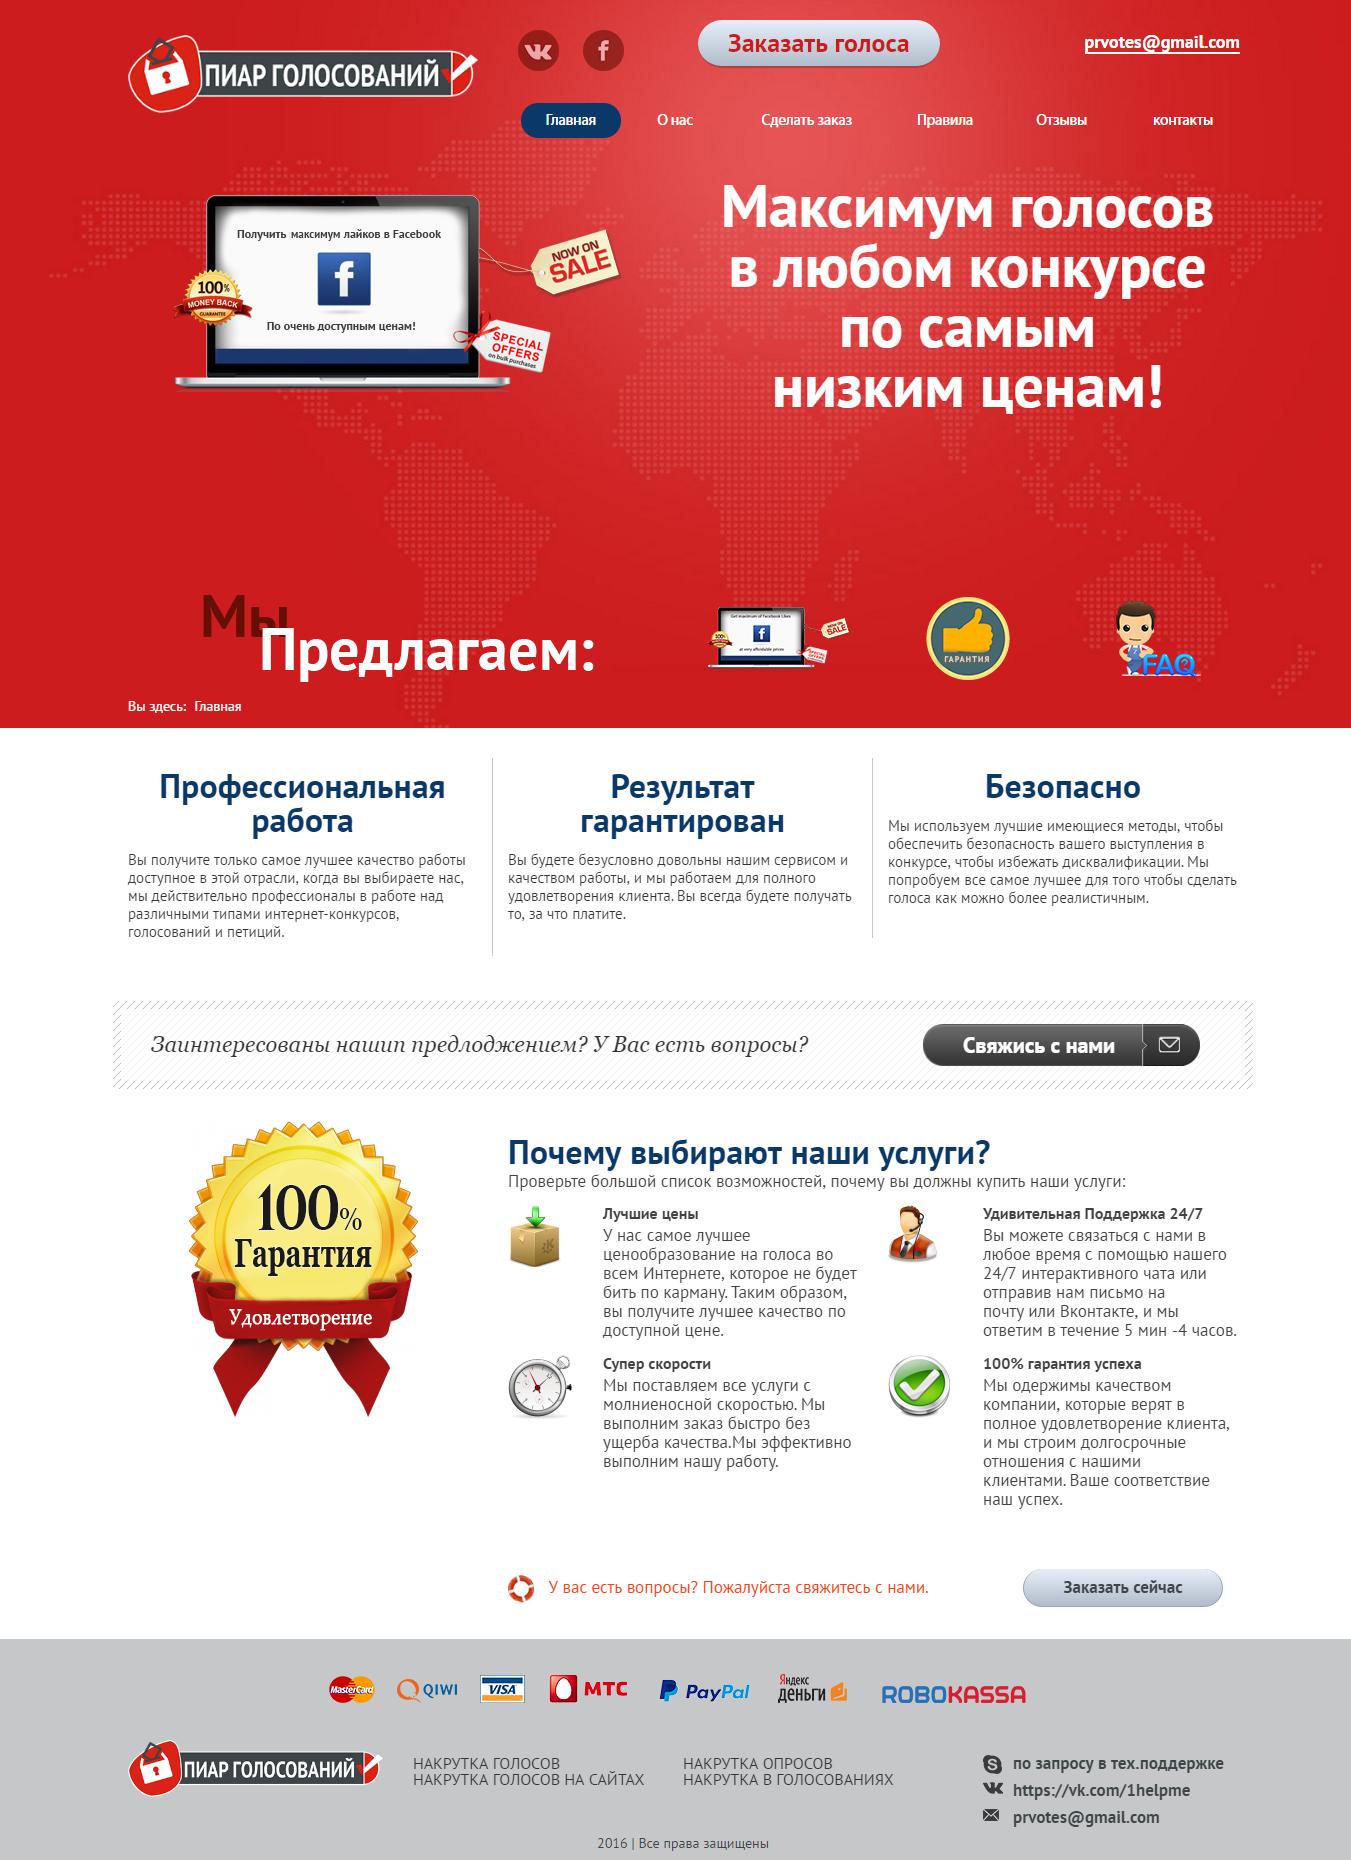 Разработка сайта накрутки голосований в соцсетях